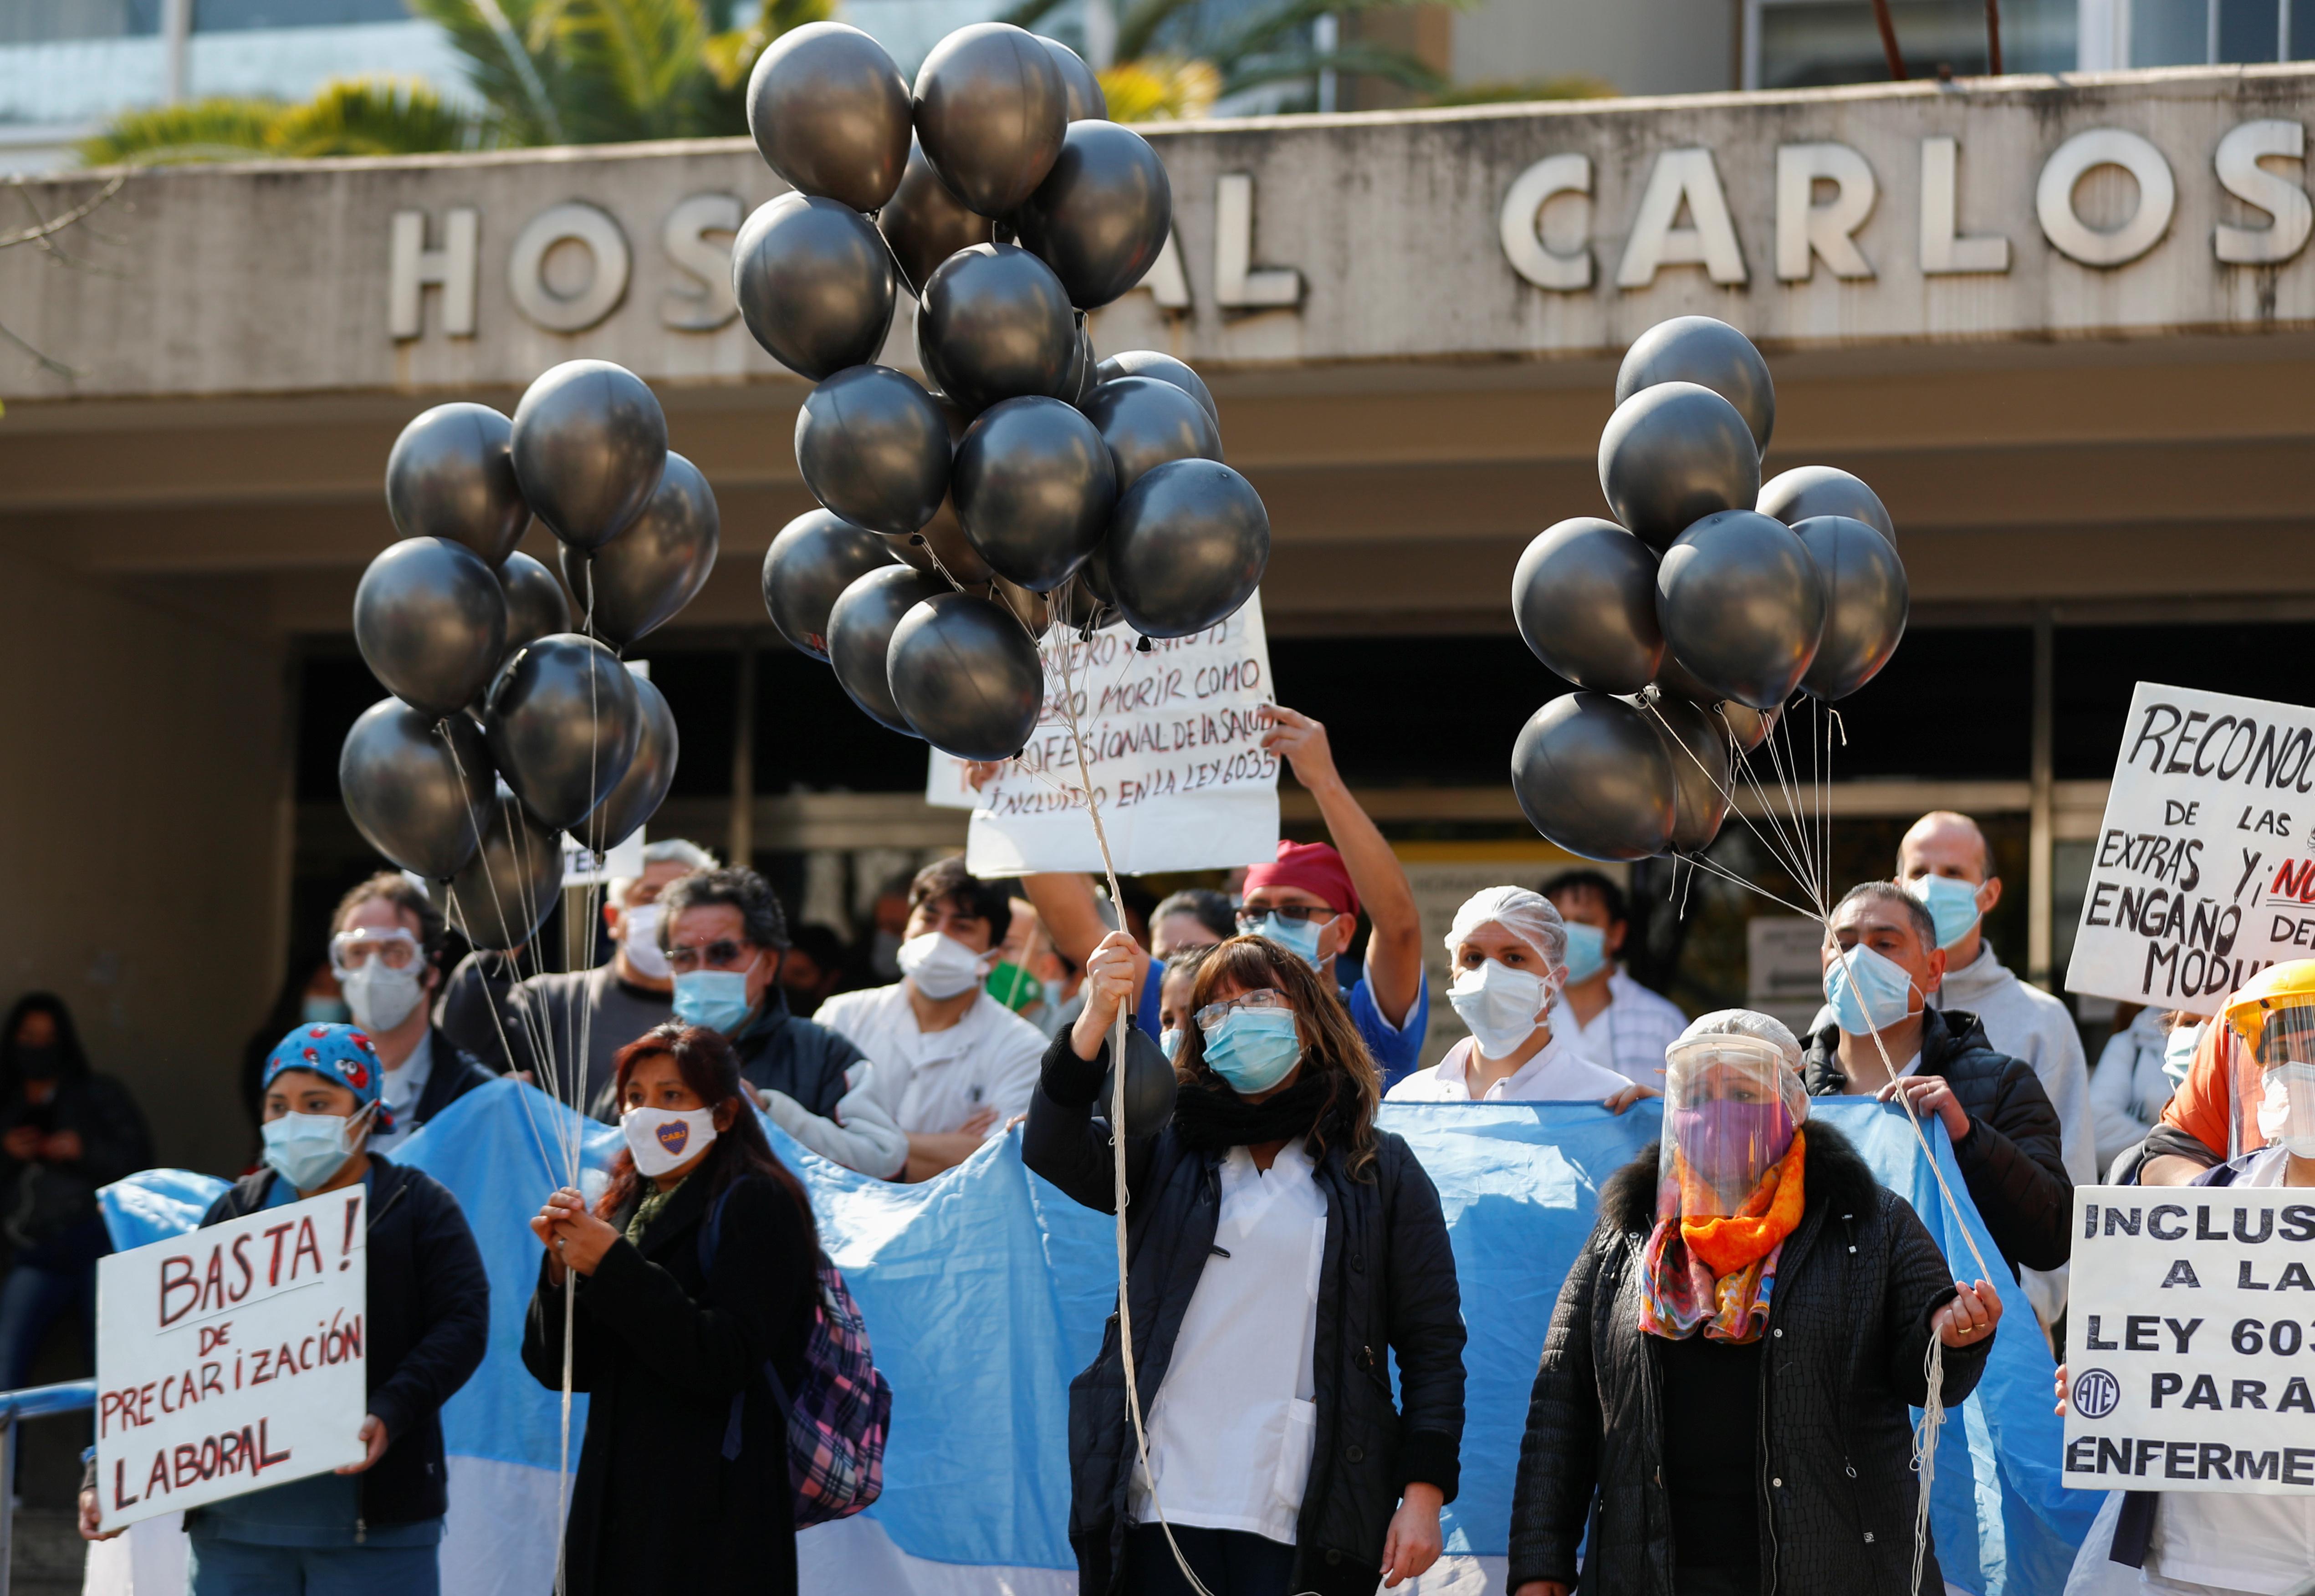 Protesta de Personal de Salud. Según las cifras oficiales, son 119 los muertos en ese ámbito. REUTERS/Agustin Marcarian